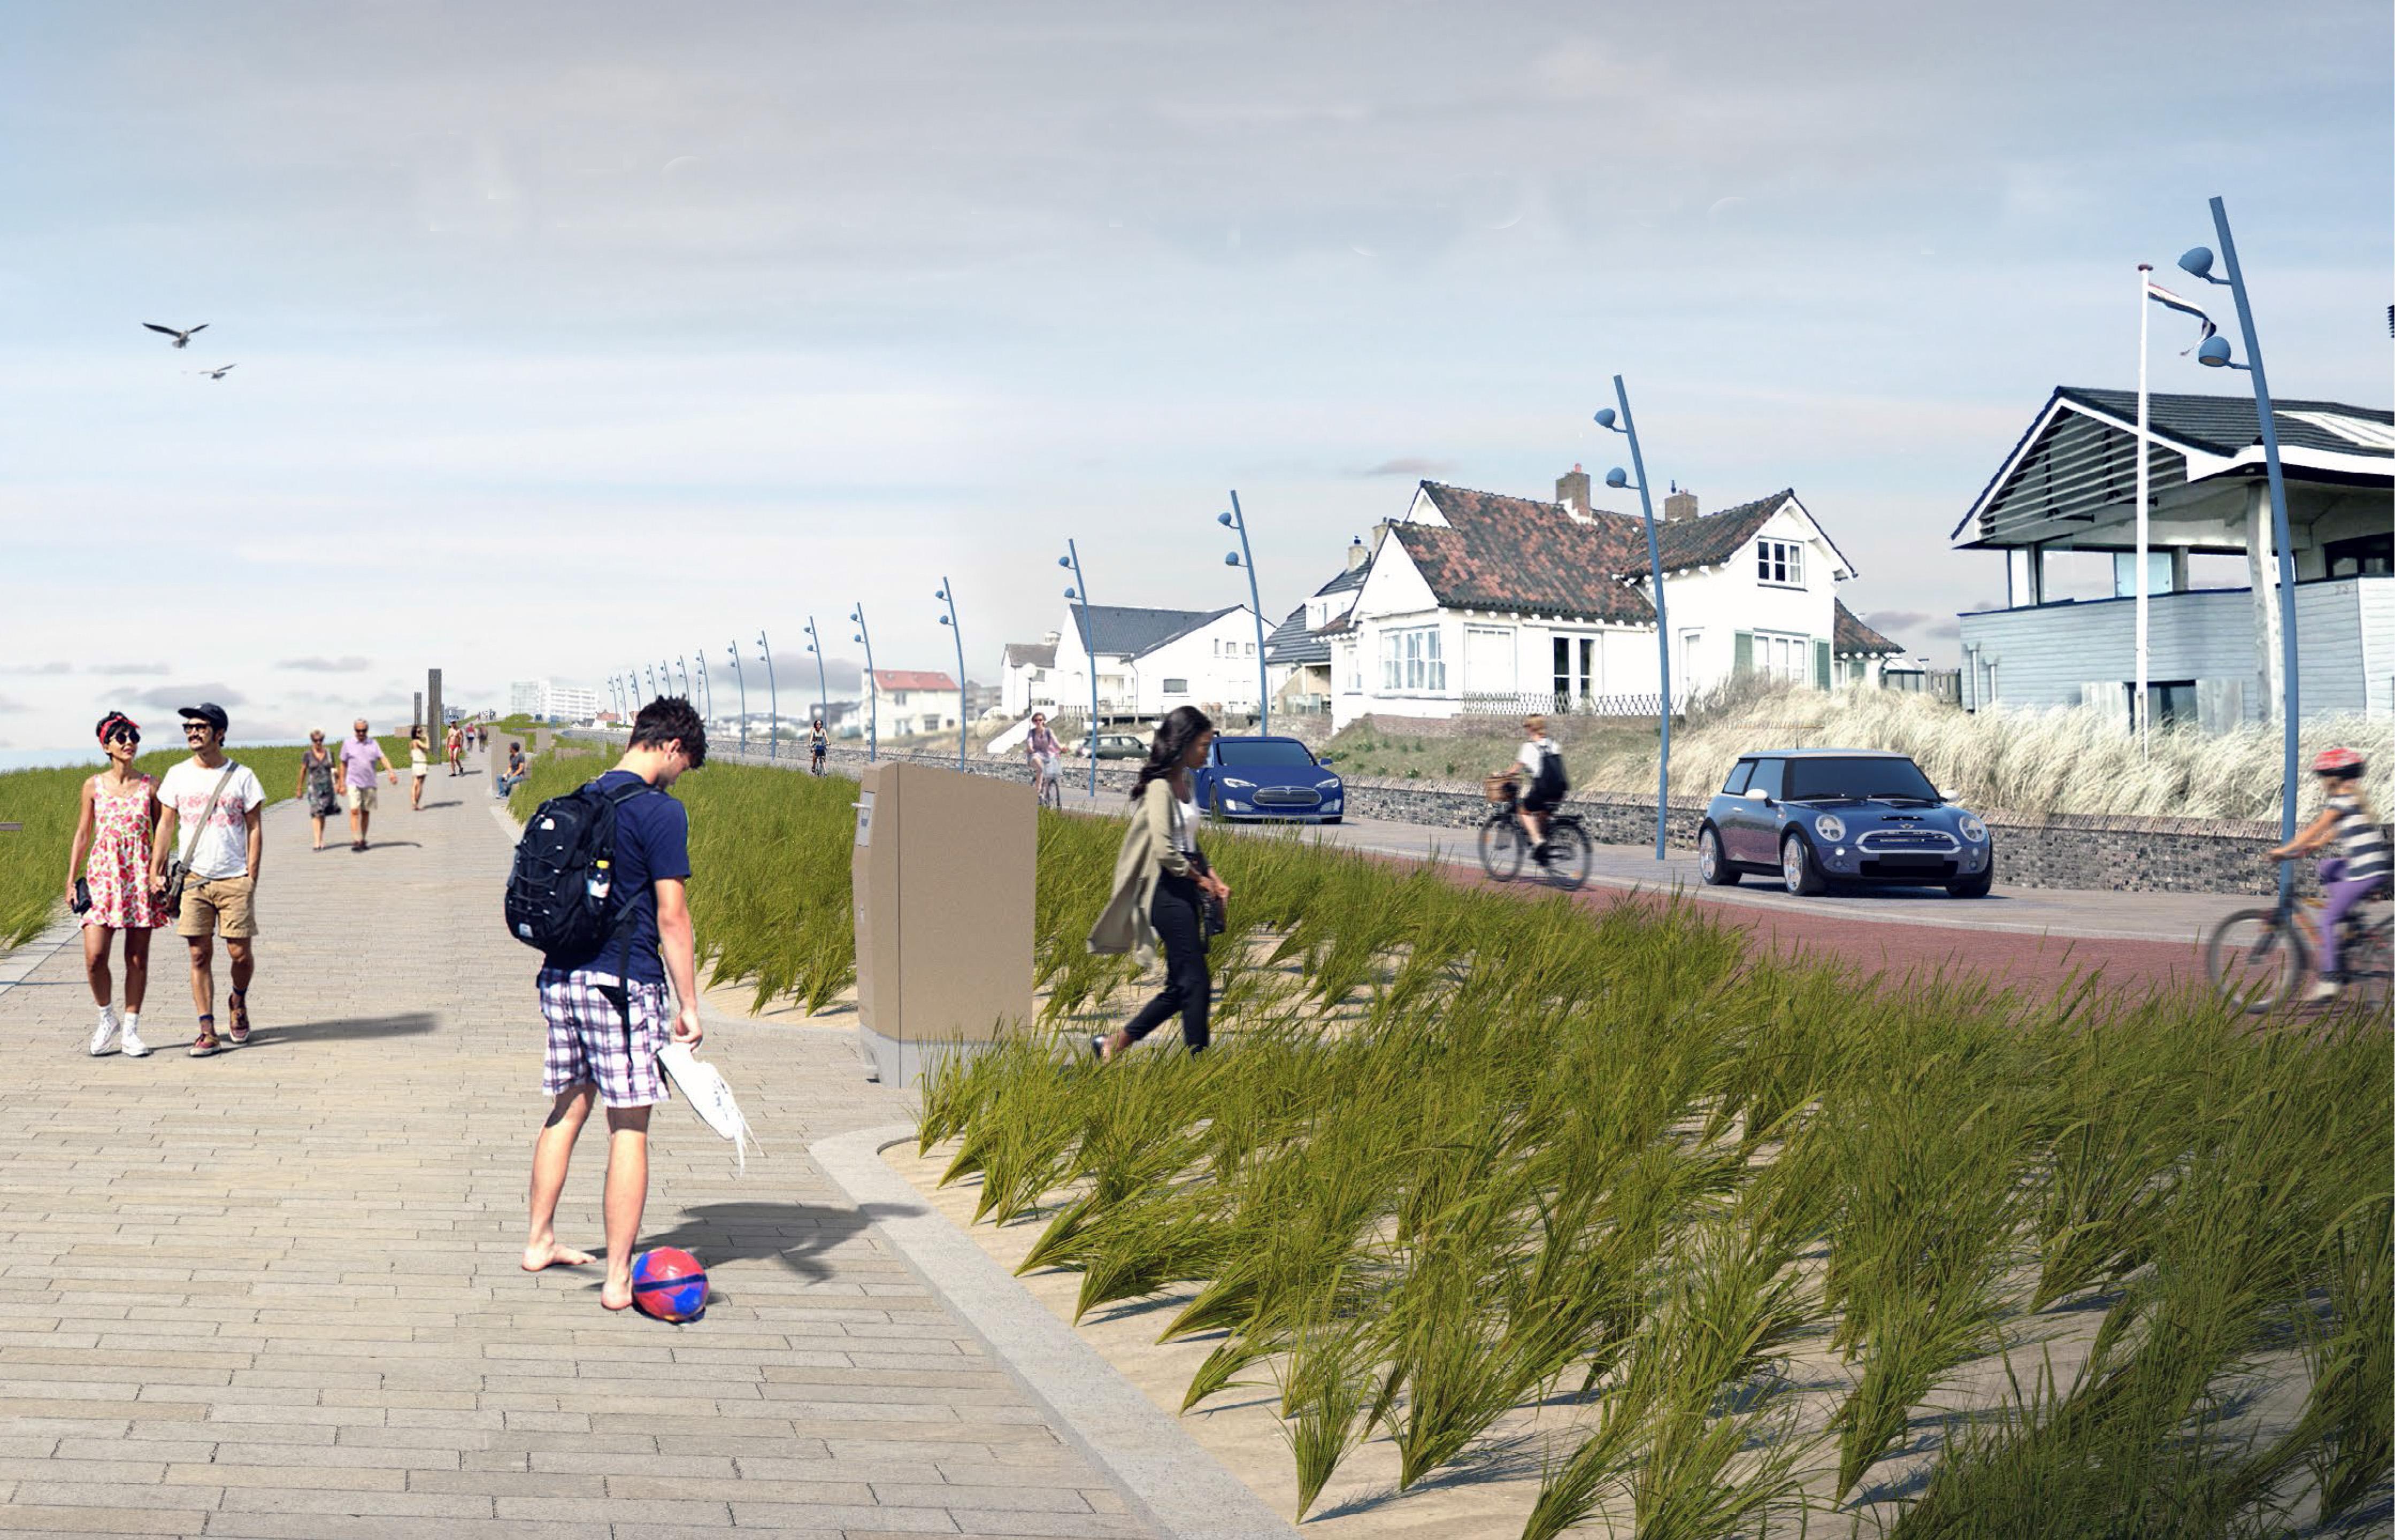 Rioolwerkzaamheden startschot voor herinrichting Boulevard Paulus Loot in Zandvoort die straks groener, moderner en veiliger moet zijn. Maar waar gaan we straks parkeren?, wil VVD weten